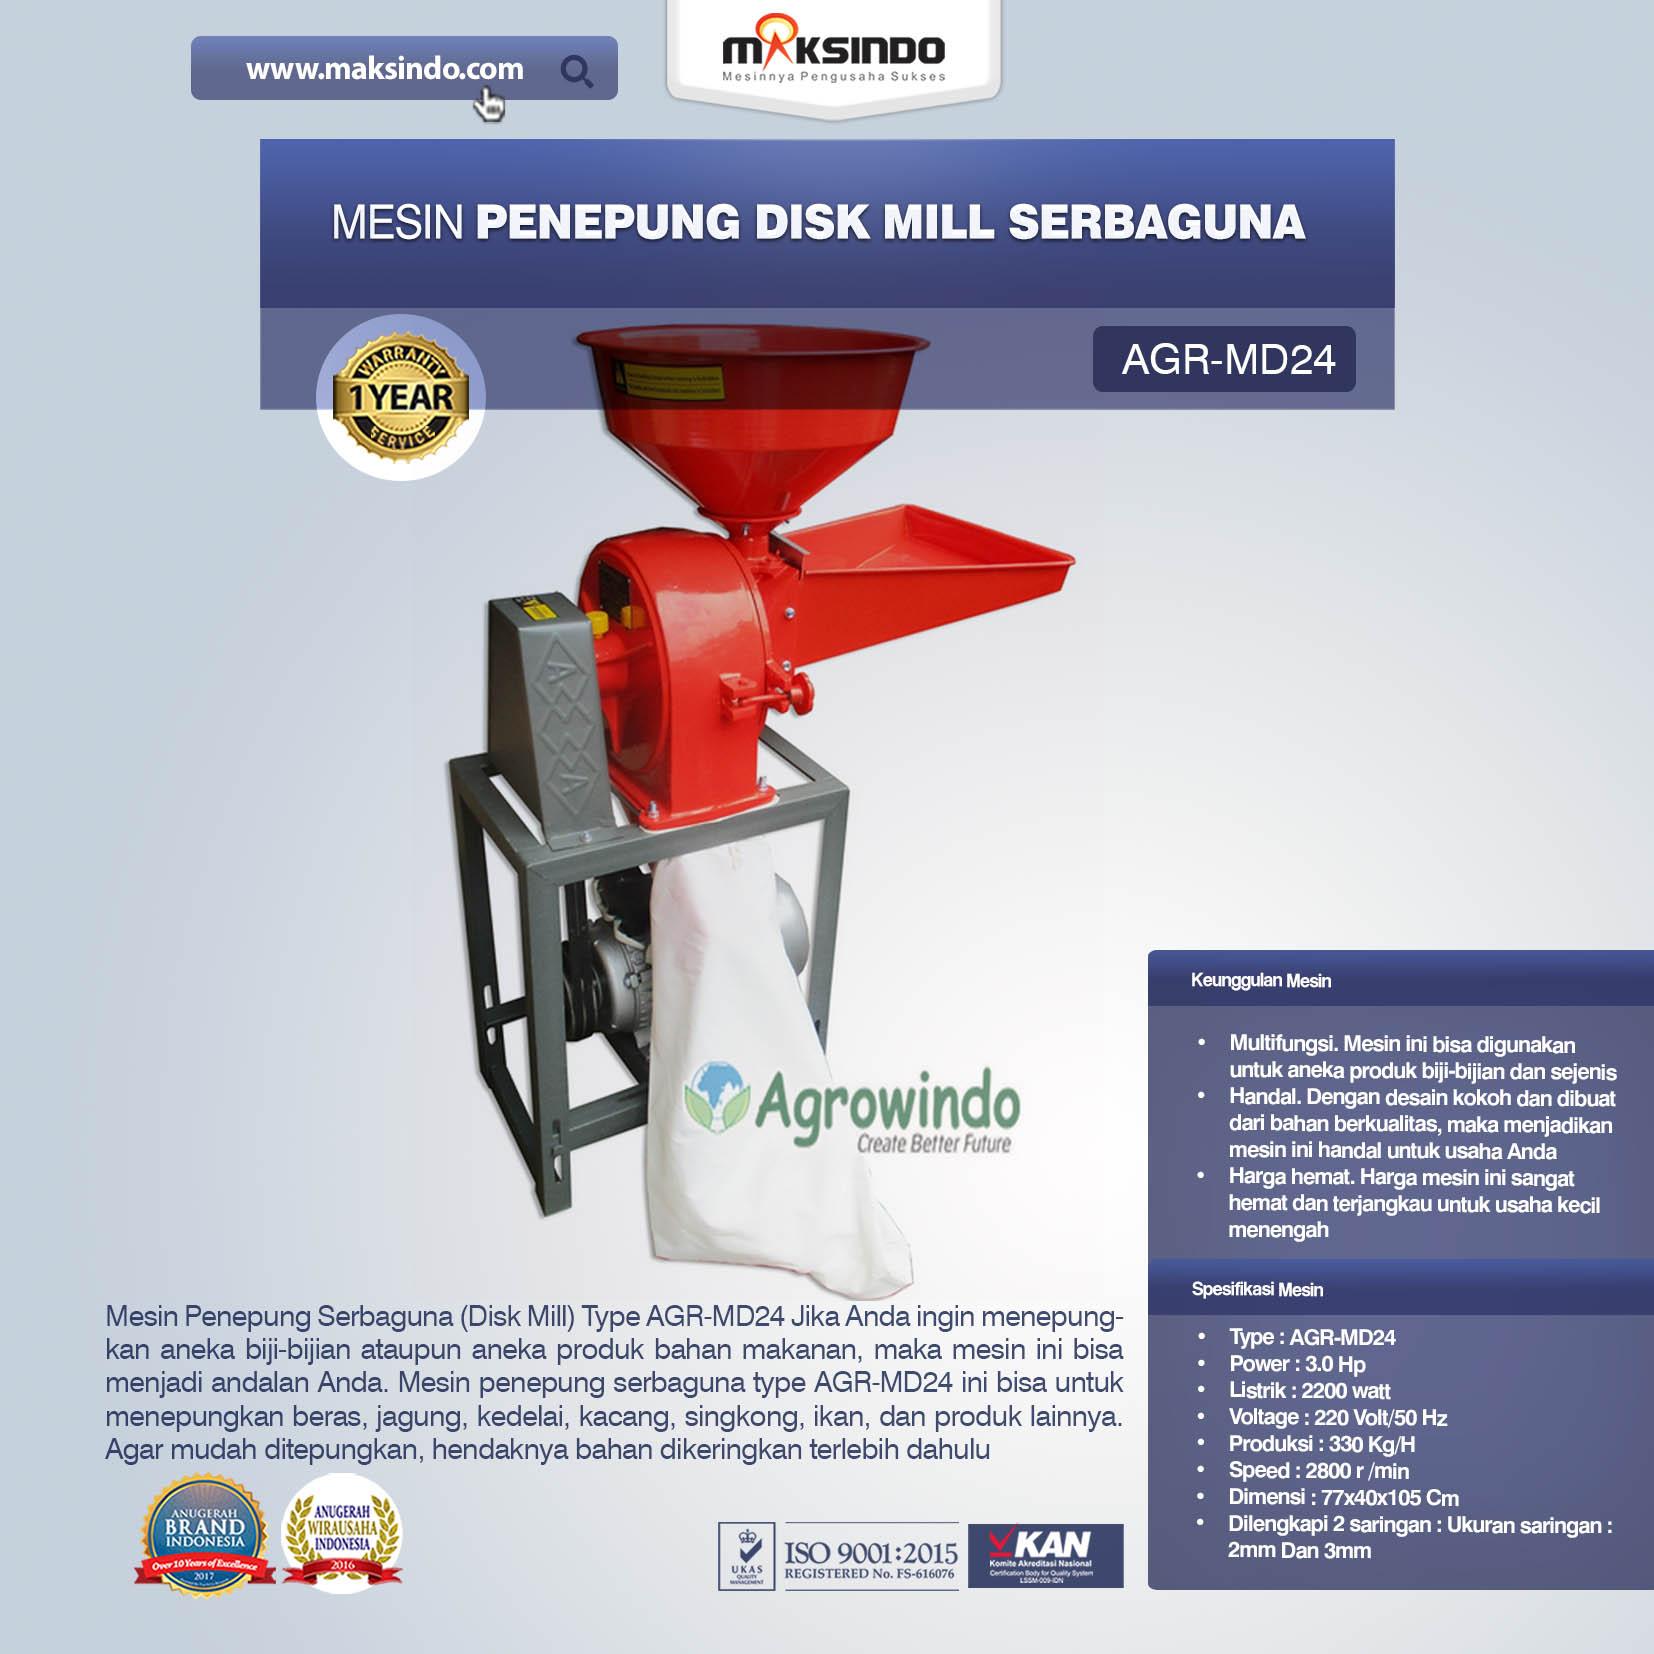 Jual Penepung Disk Mill Serbaguna (AGR-MD24) di Semarang